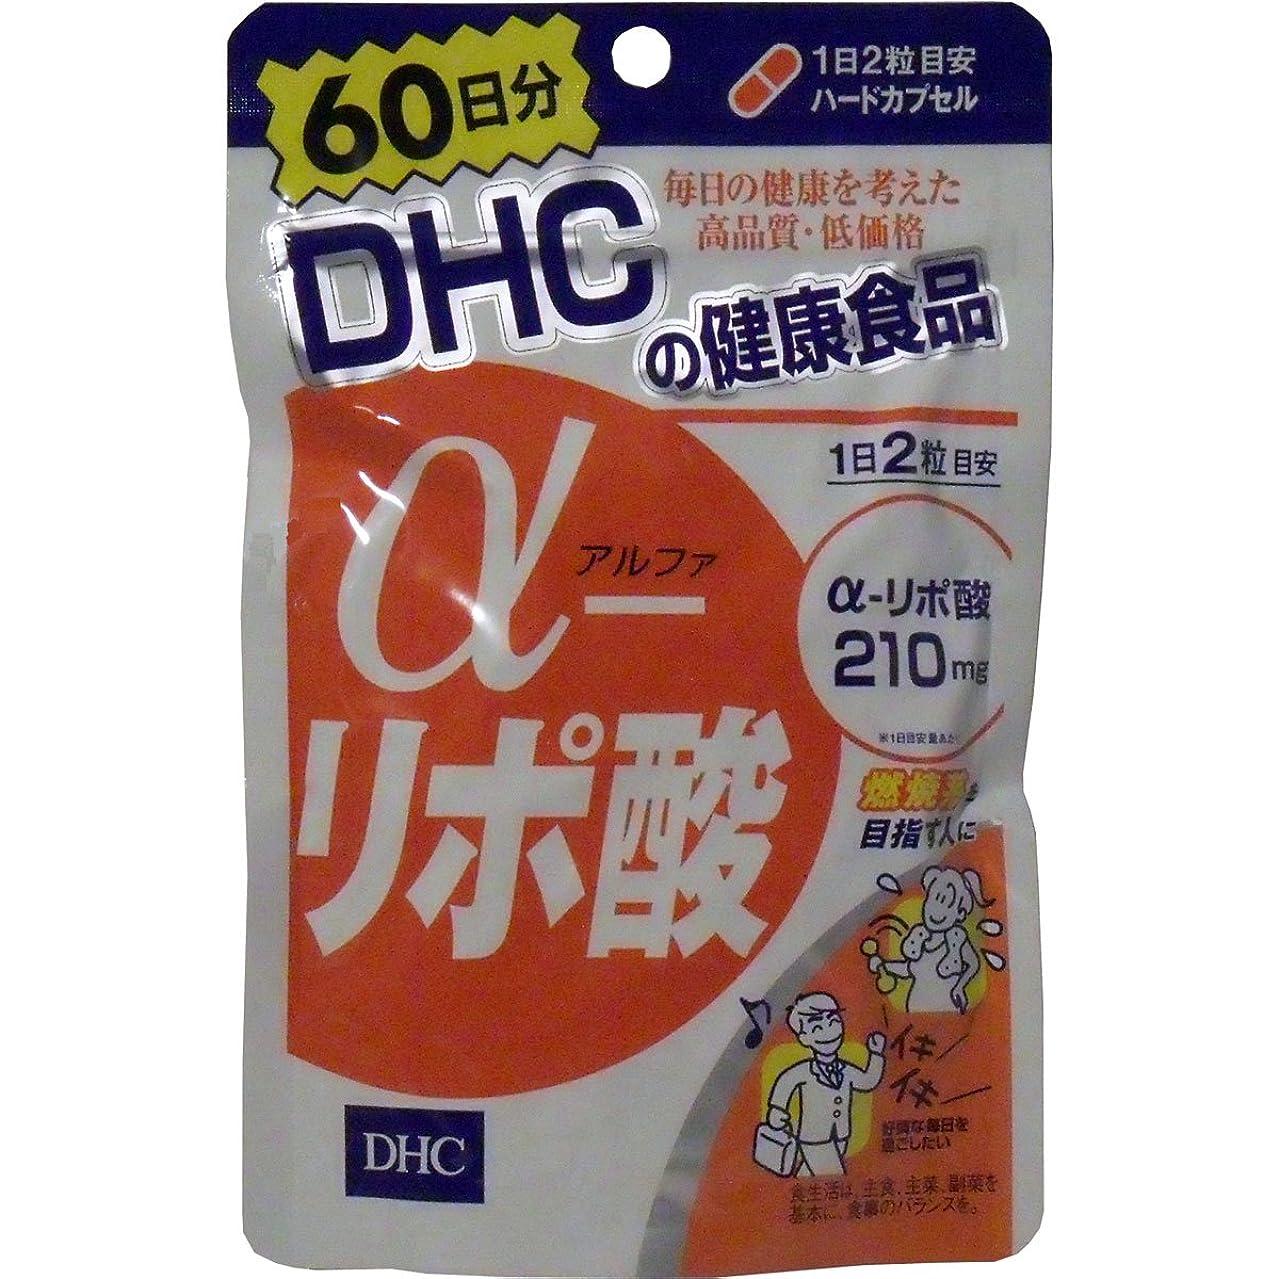 委任するナイトスポット広がりα-リポ酸は、もともと体内にあるエネルギー活性成分。サプリメントでの効率的な補給がおすすめ!DHC120粒 60日分